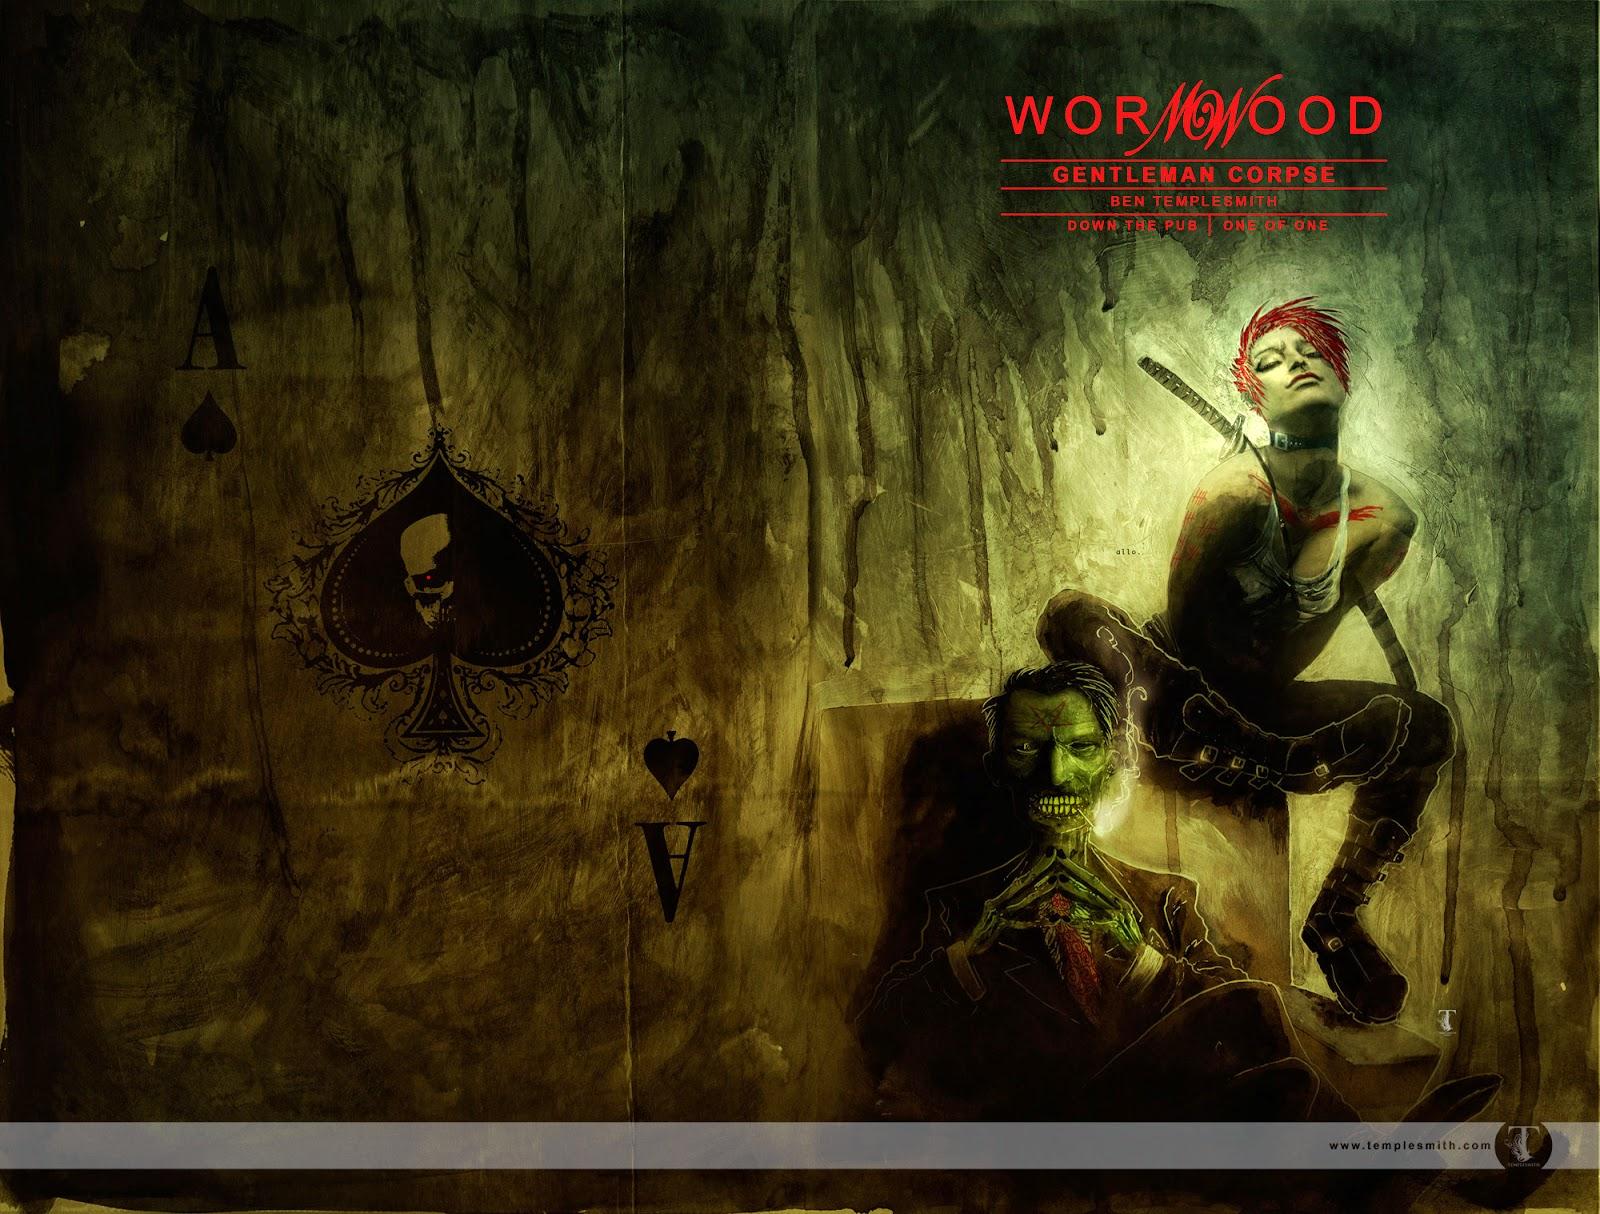 Wormwood Gentleman Corpse (by Ben Templesmith)